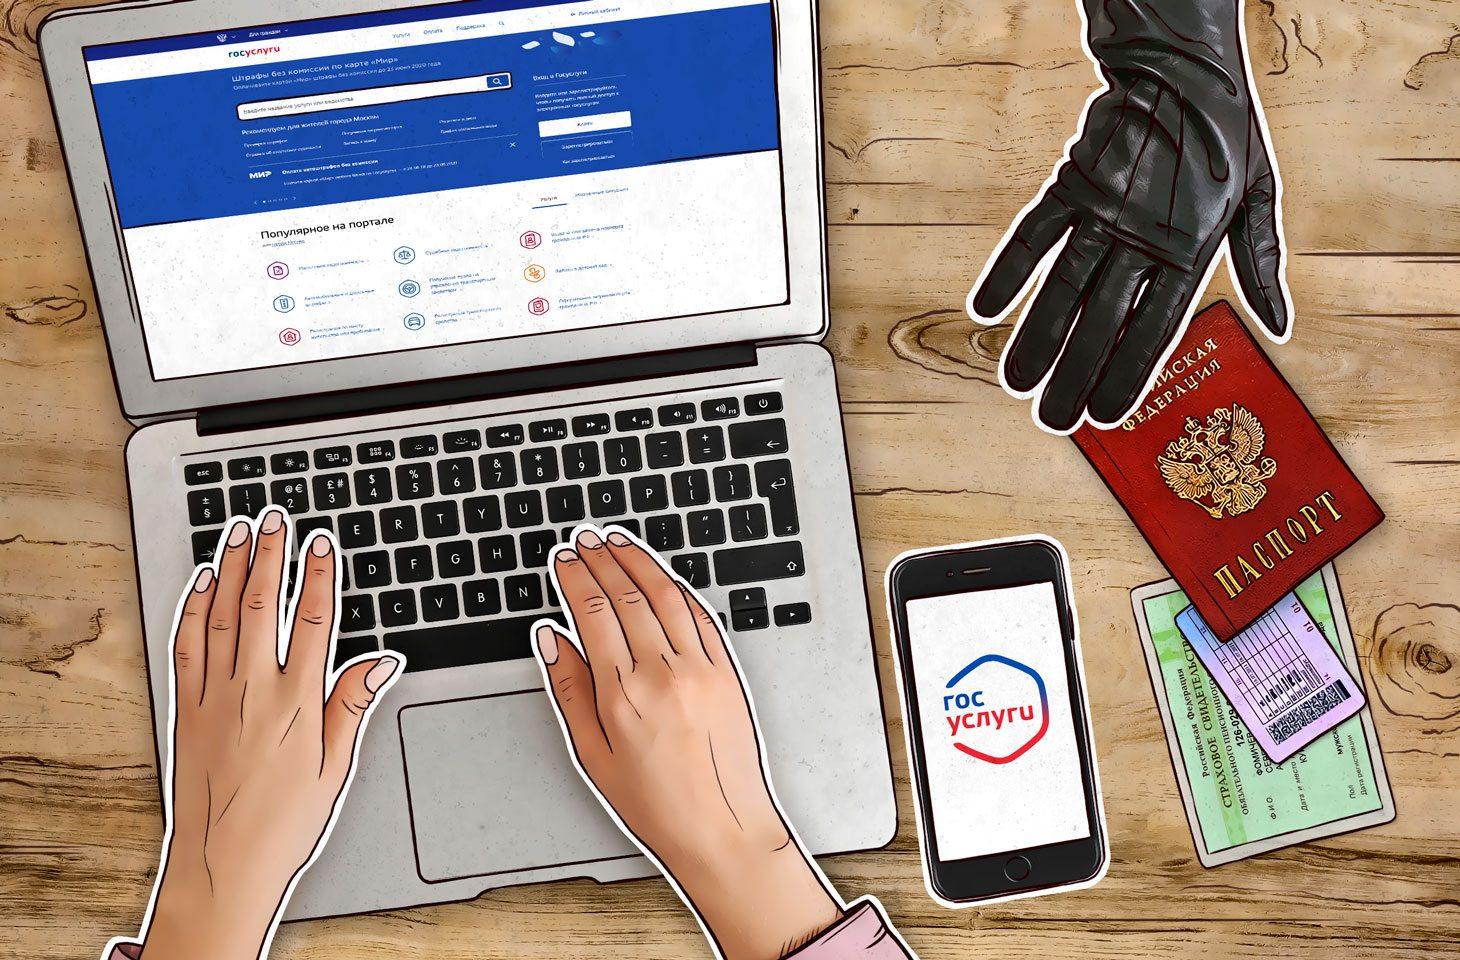 Как защитить аккаунт на «Госуслугах»: прячем документы в киберсейф